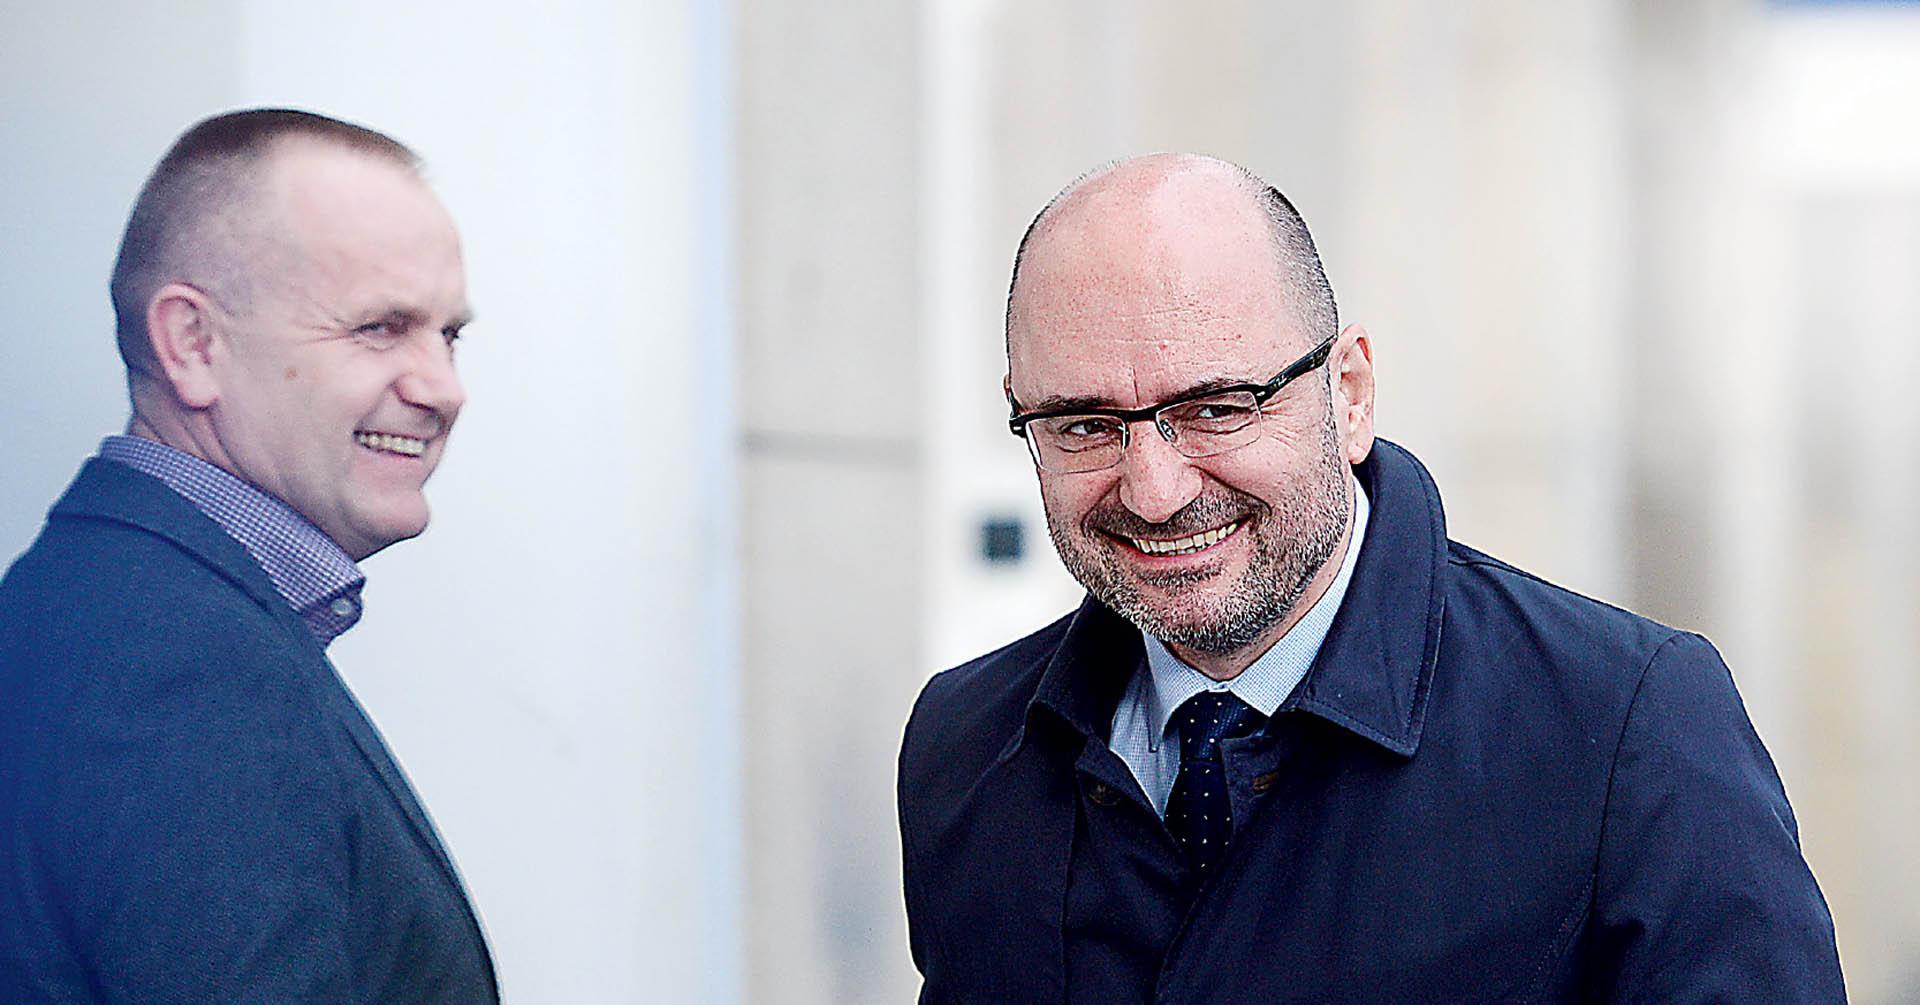 KAKO SE POSVAĐANI Brkić i Karamarko pokušavaju obraniti zamjenama teza